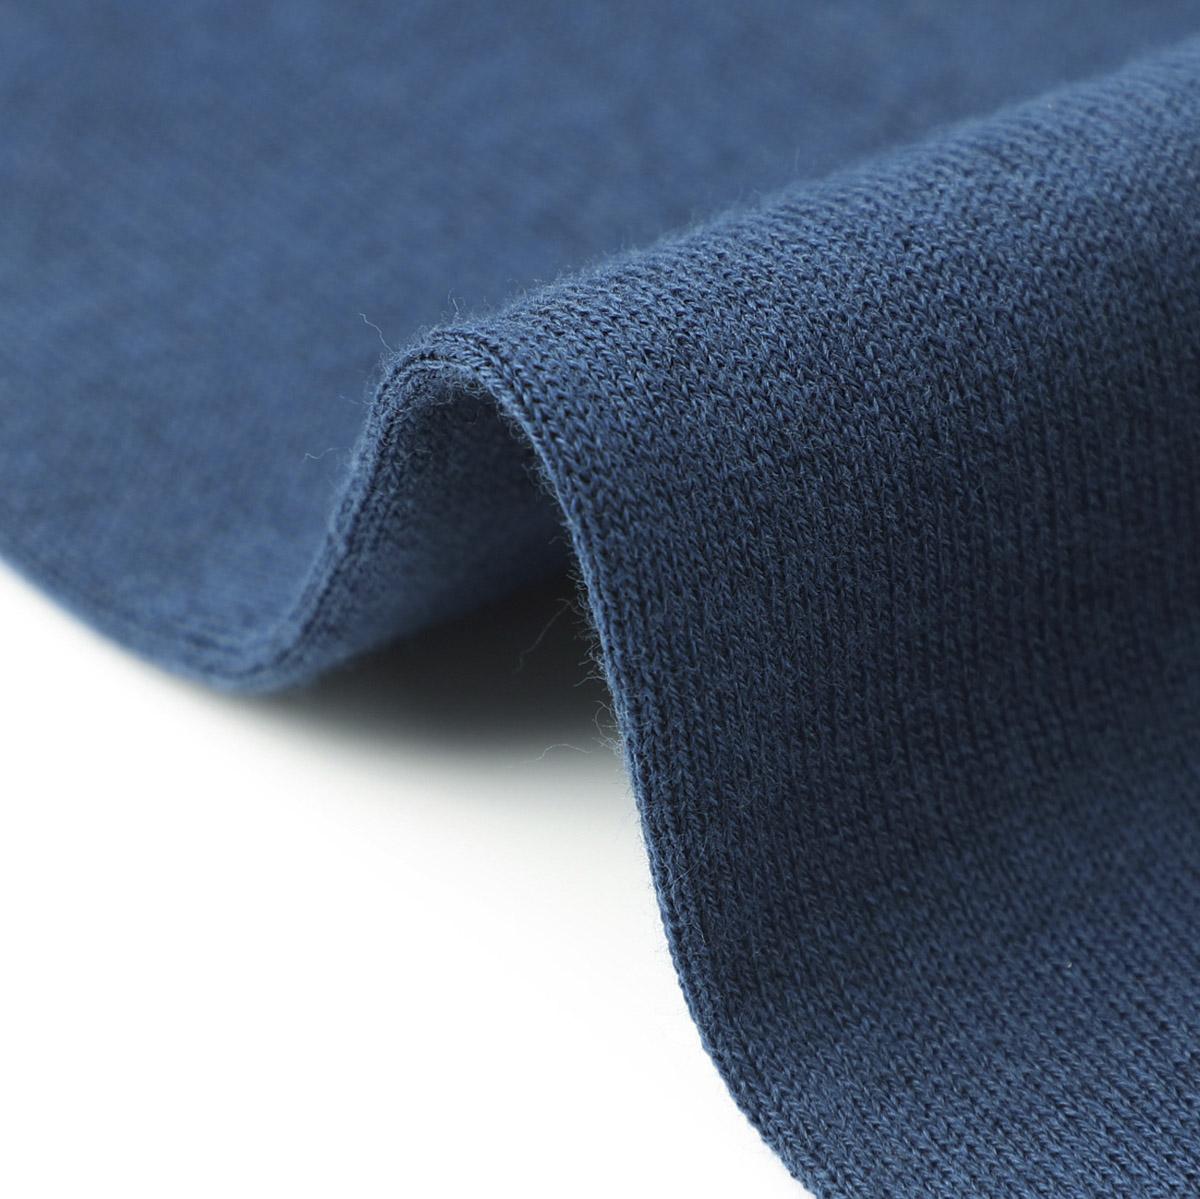 JOHN SMEDLEY ジョンスメドレー クルーネック半袖ニット/BELDEN ベルデン 30ゲージ メンズ